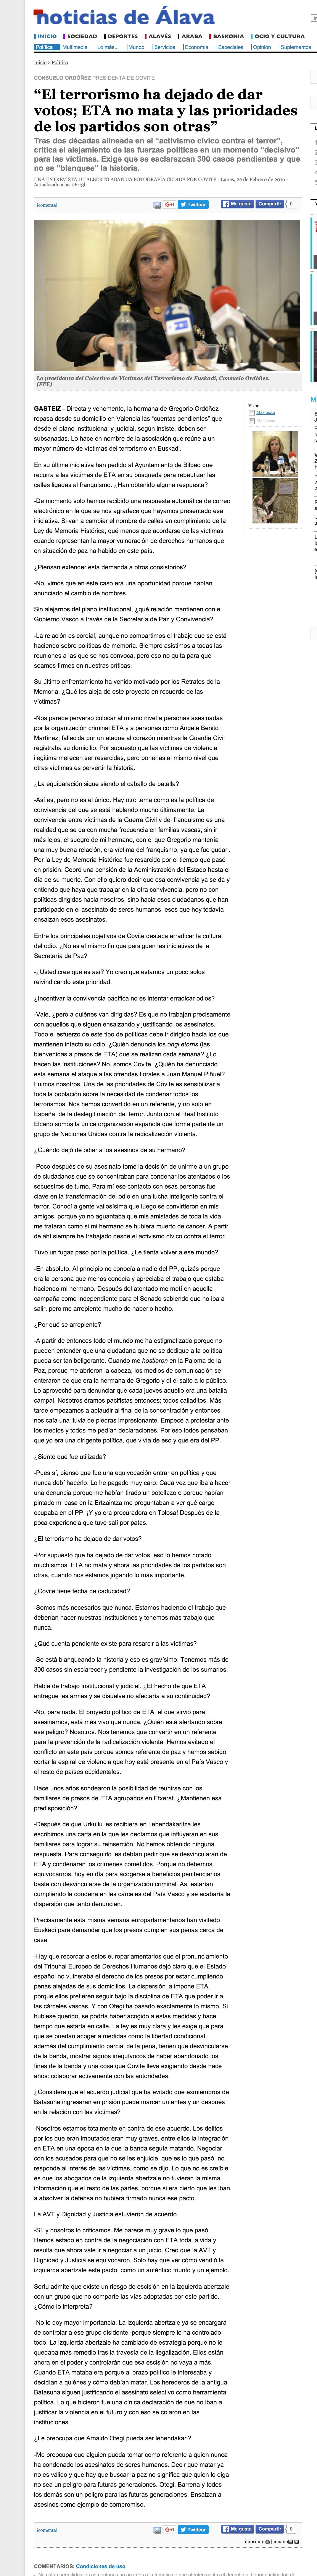 screencapture-www-noticiasdealava-com-2016-02-22-politica-el-terrorismo-ha-dejado-de-dar-votos-eta-no-mata-y-las-prioridades-de-los-partidos-son-otras-1456133960020